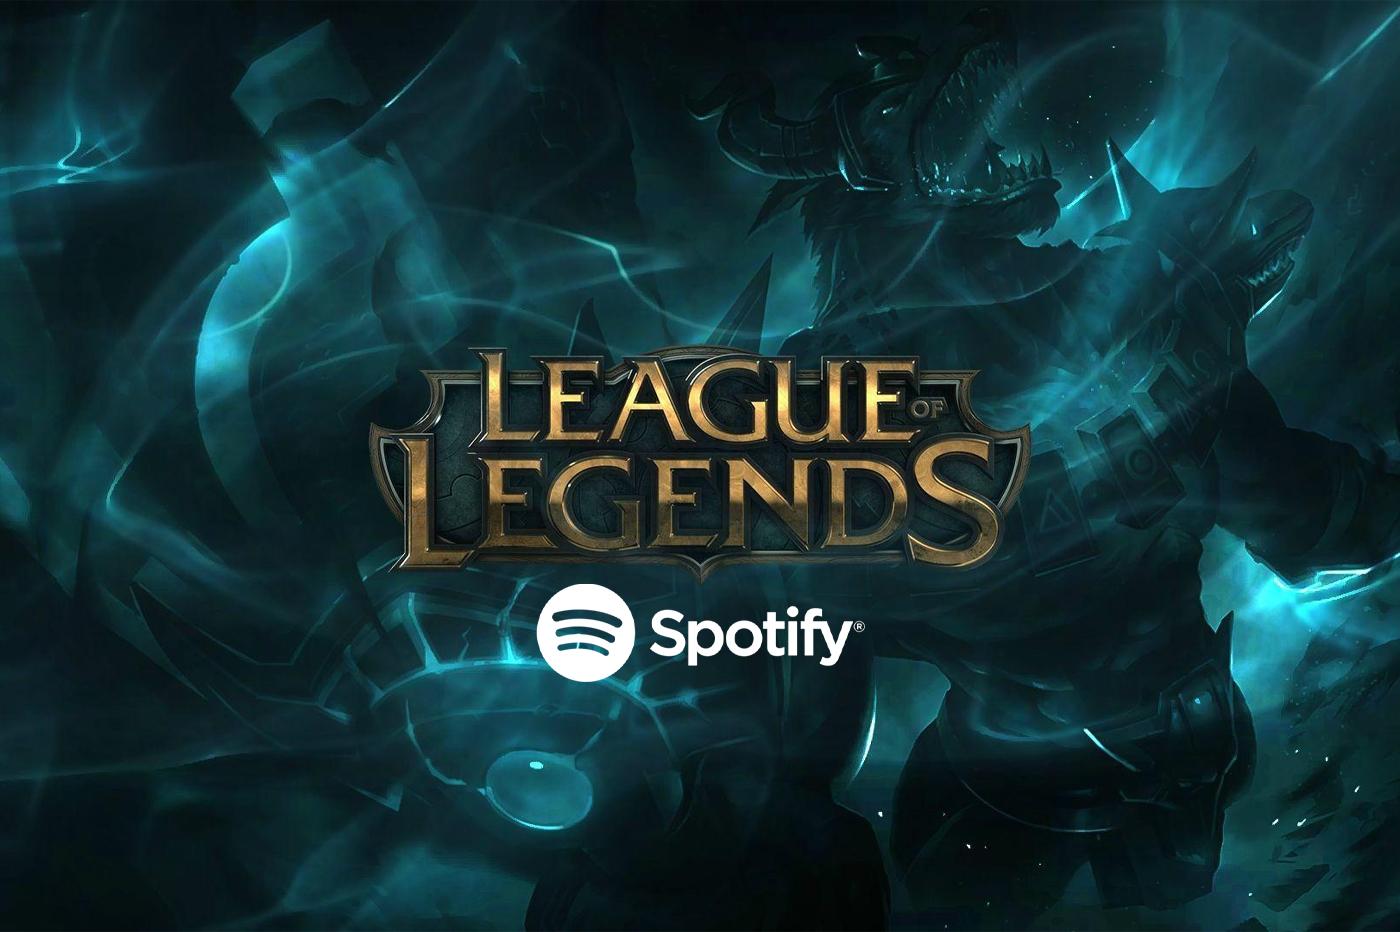 League of Legends partenariat Spotify